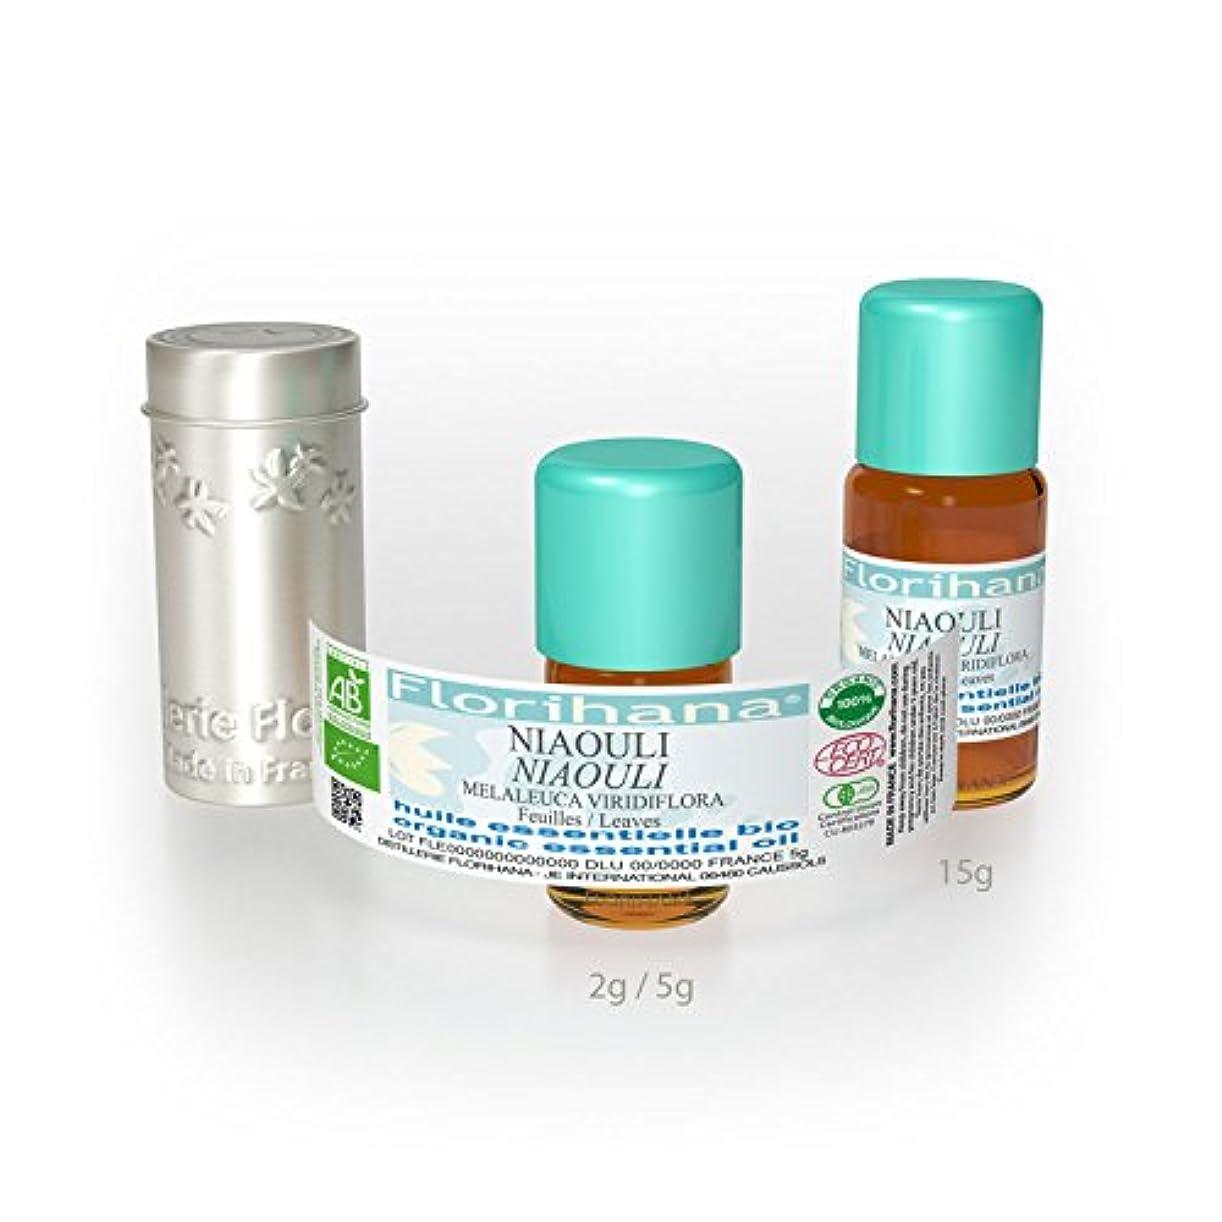 もっともらしい優れたトレードオーガニック エッセンシャルオイル ニアウリ 15g(16.5ml)